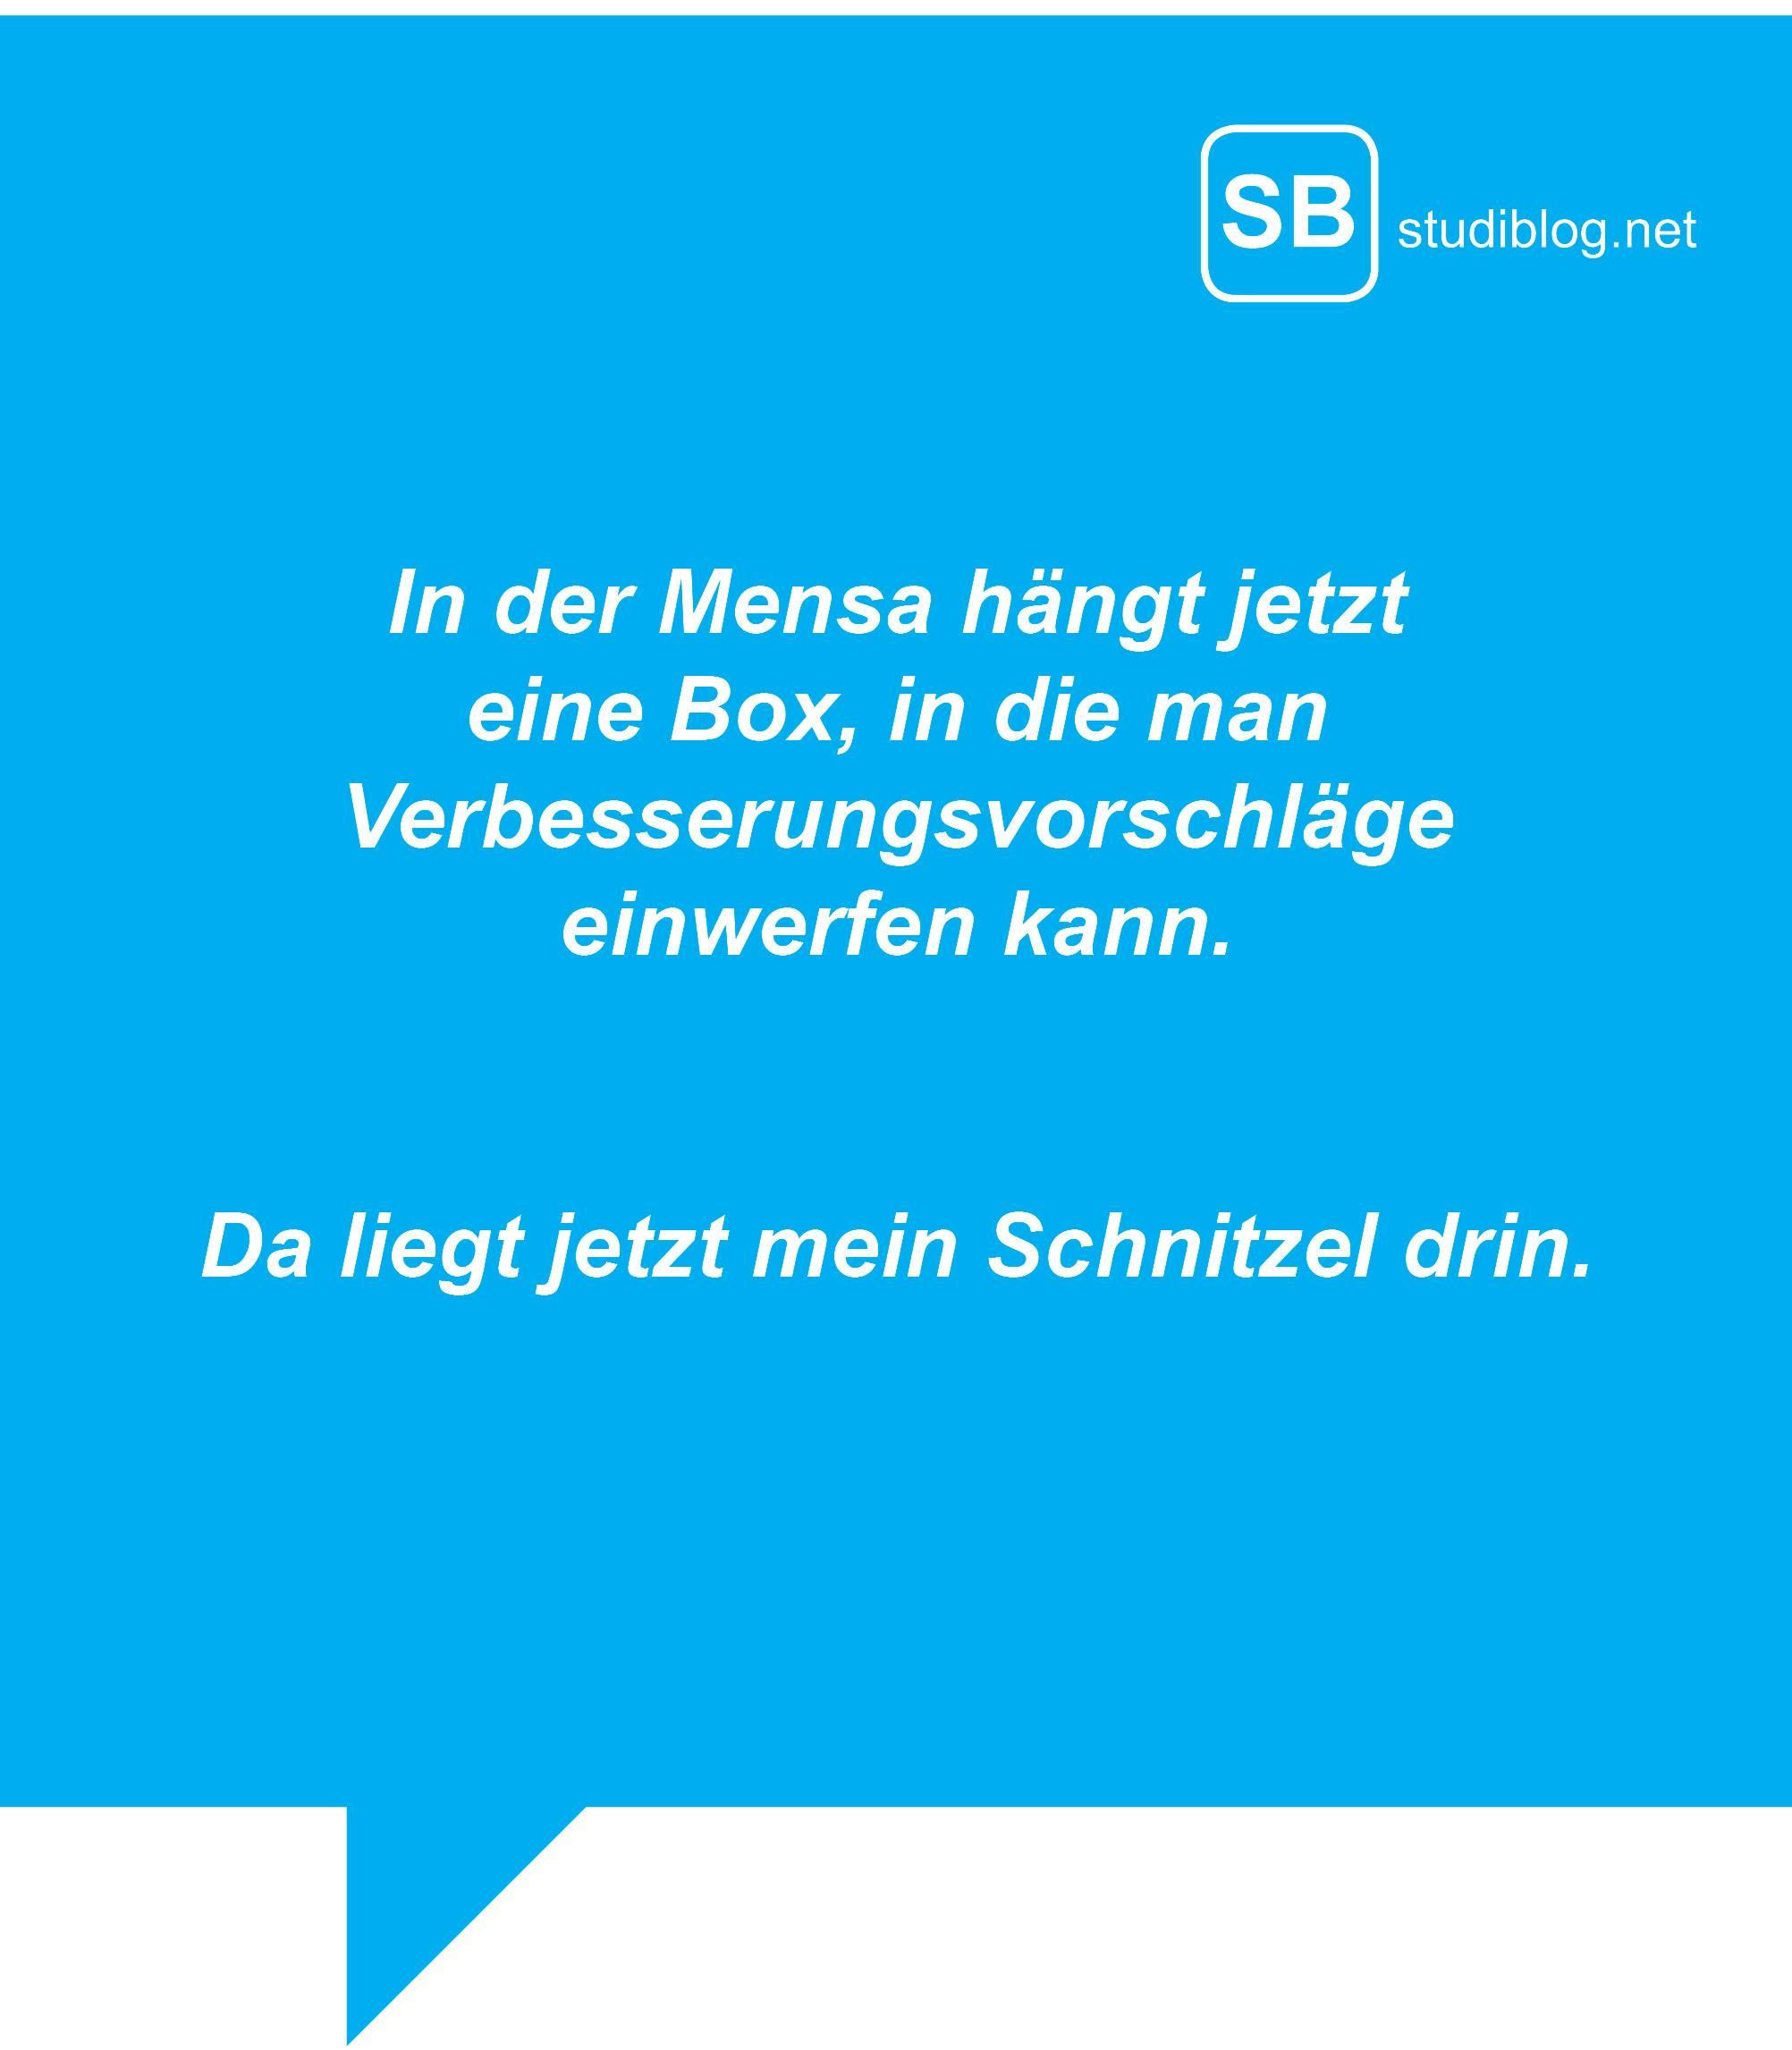 In der Mensa hängt jetzt eine Box, in die man Verbesserungsvorschläge einwerfen kann. Da liegt jetzt mein Schnitzel drin.